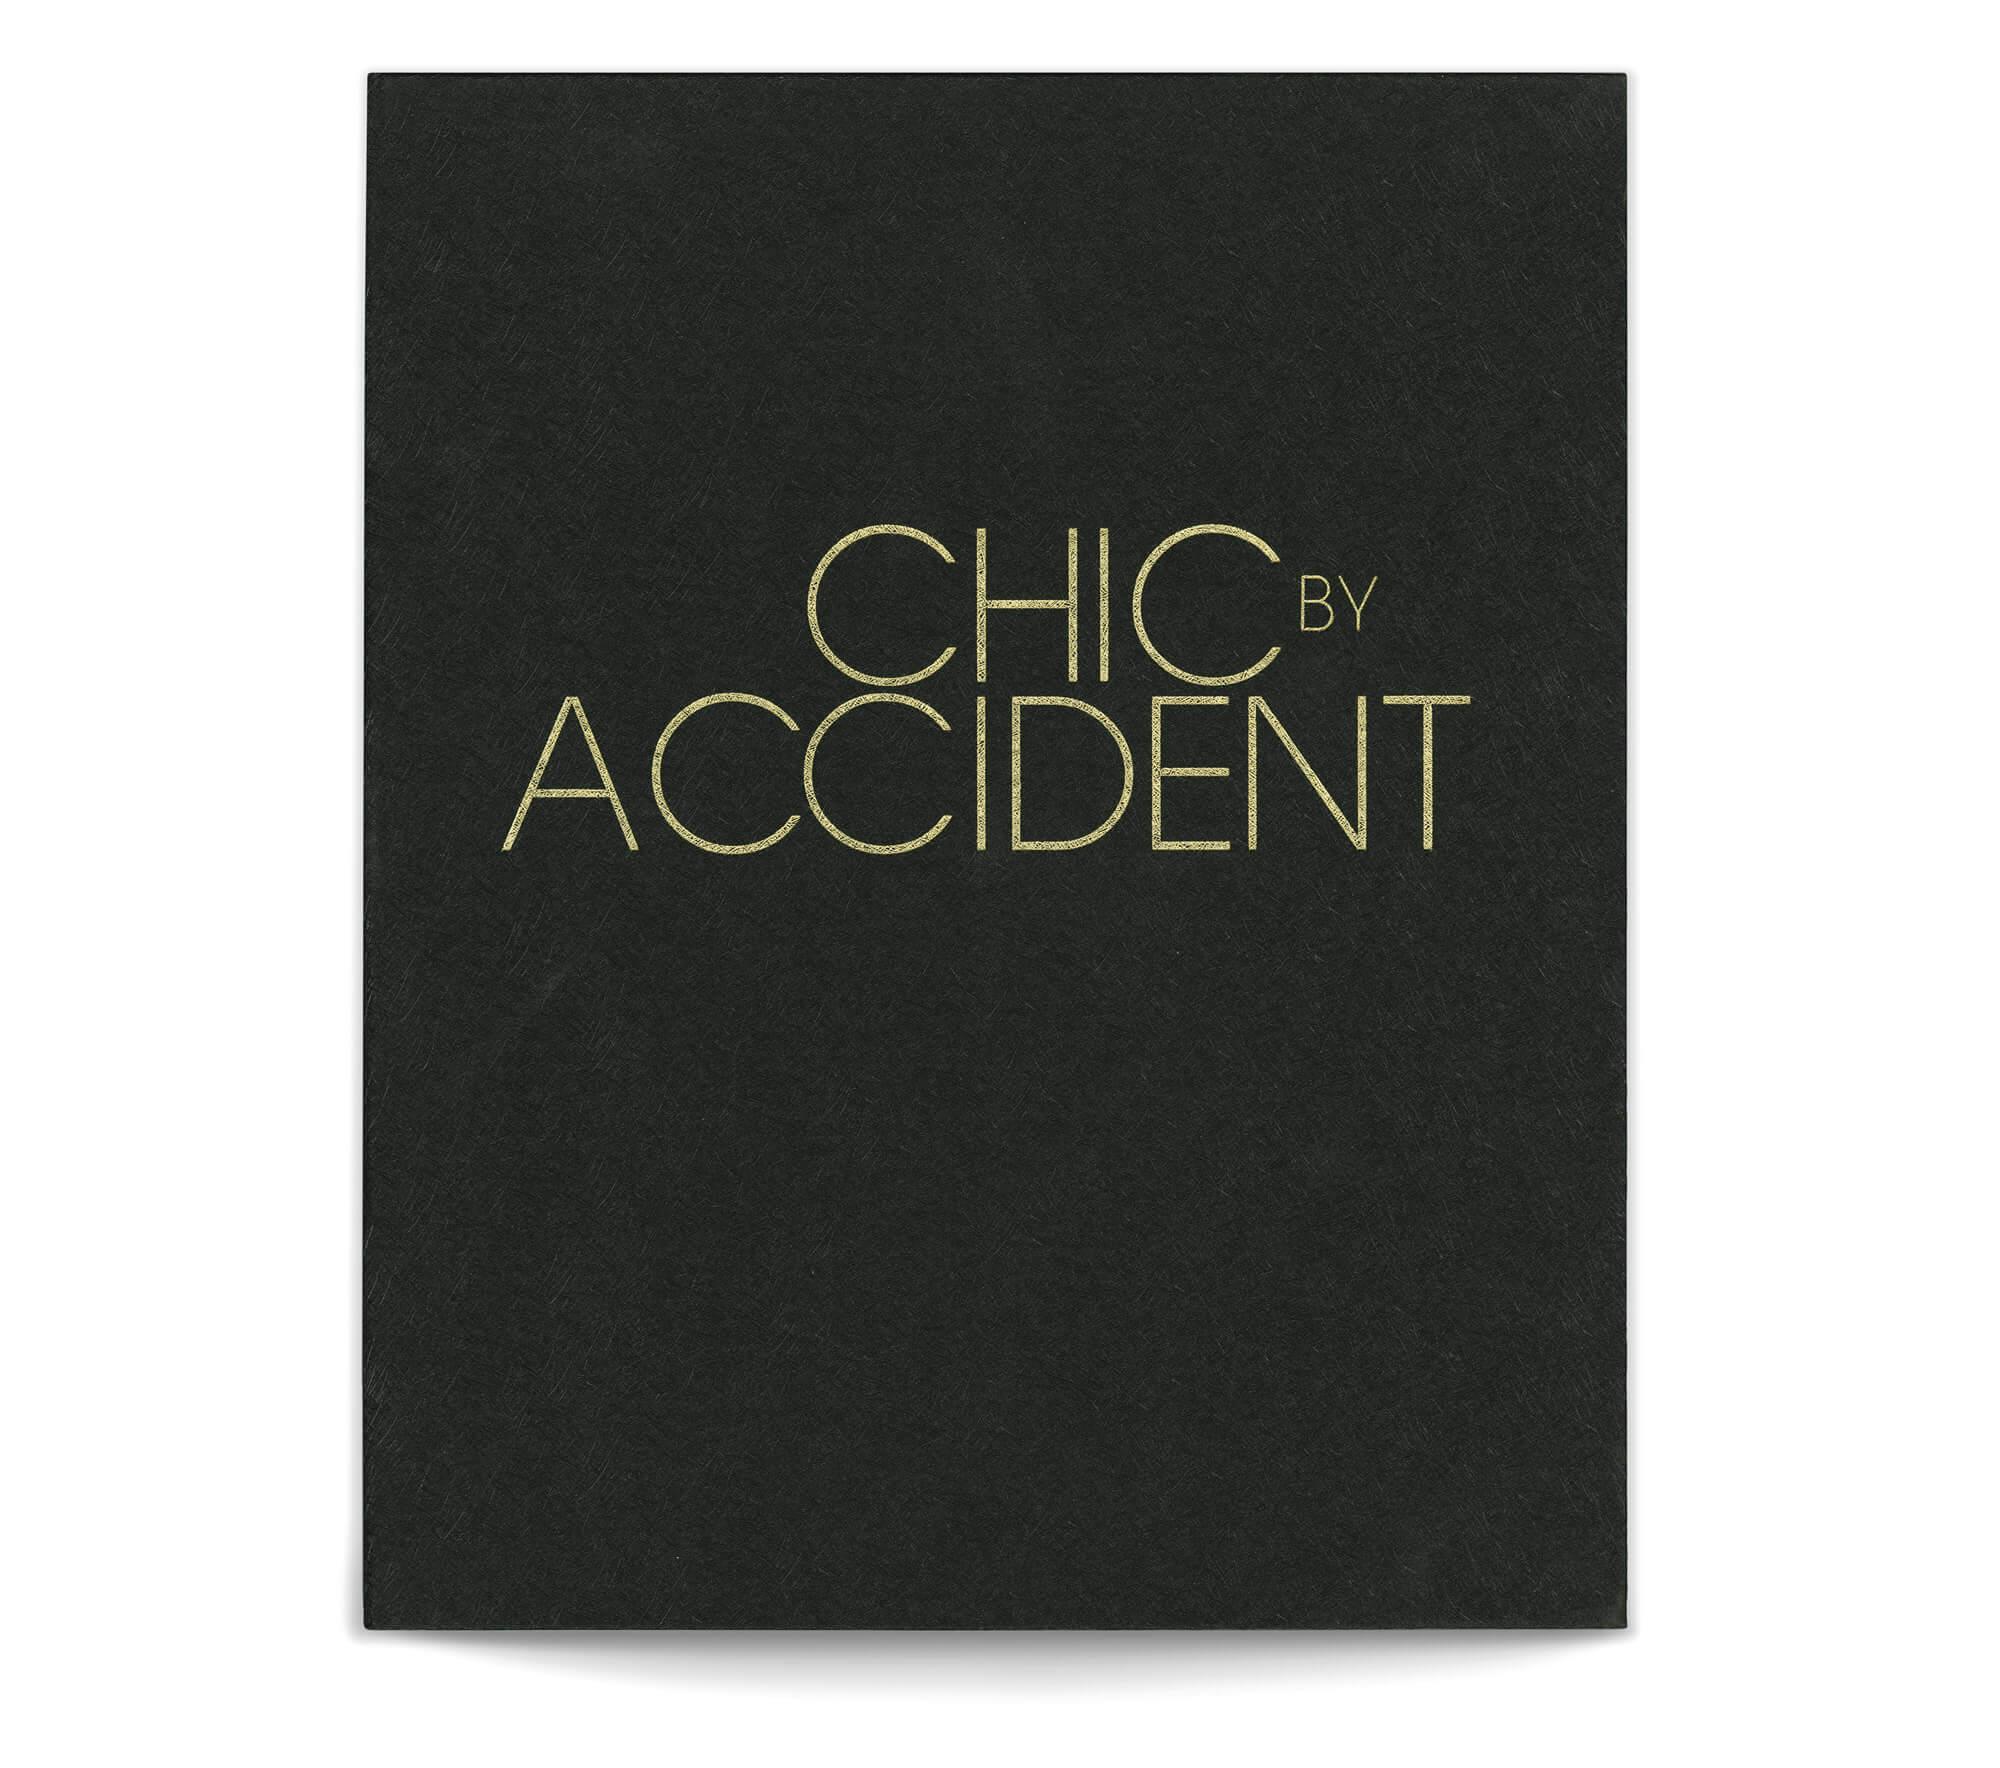 Le livre de Chic by accident se présente dans un coffret au papier texturé avec une dorure a chaud, design IchetKar